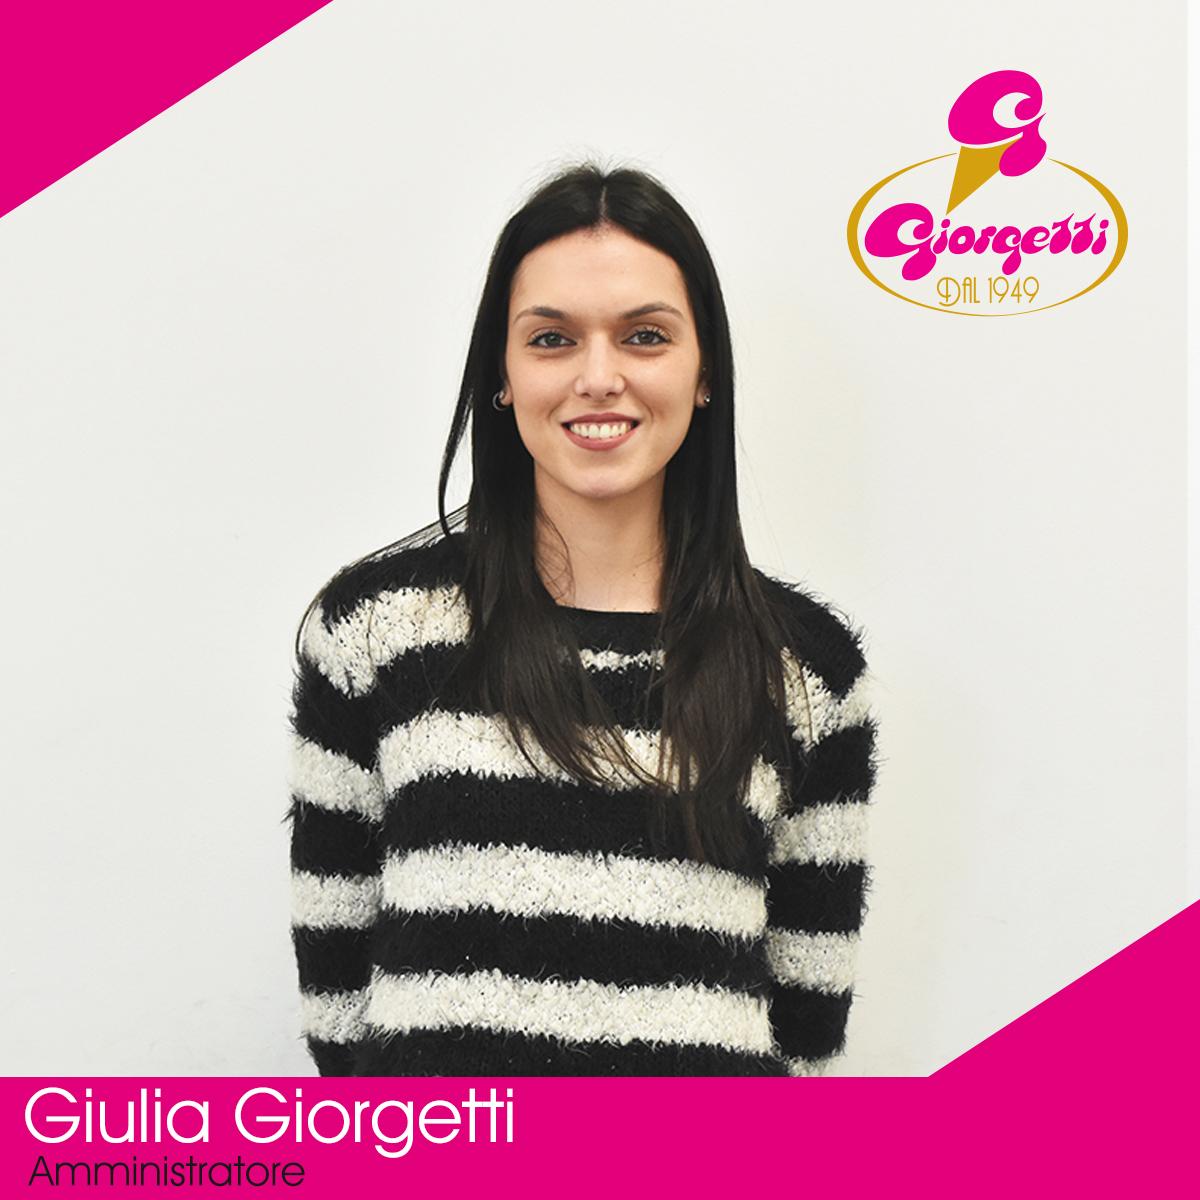 Giulia Giorgetti